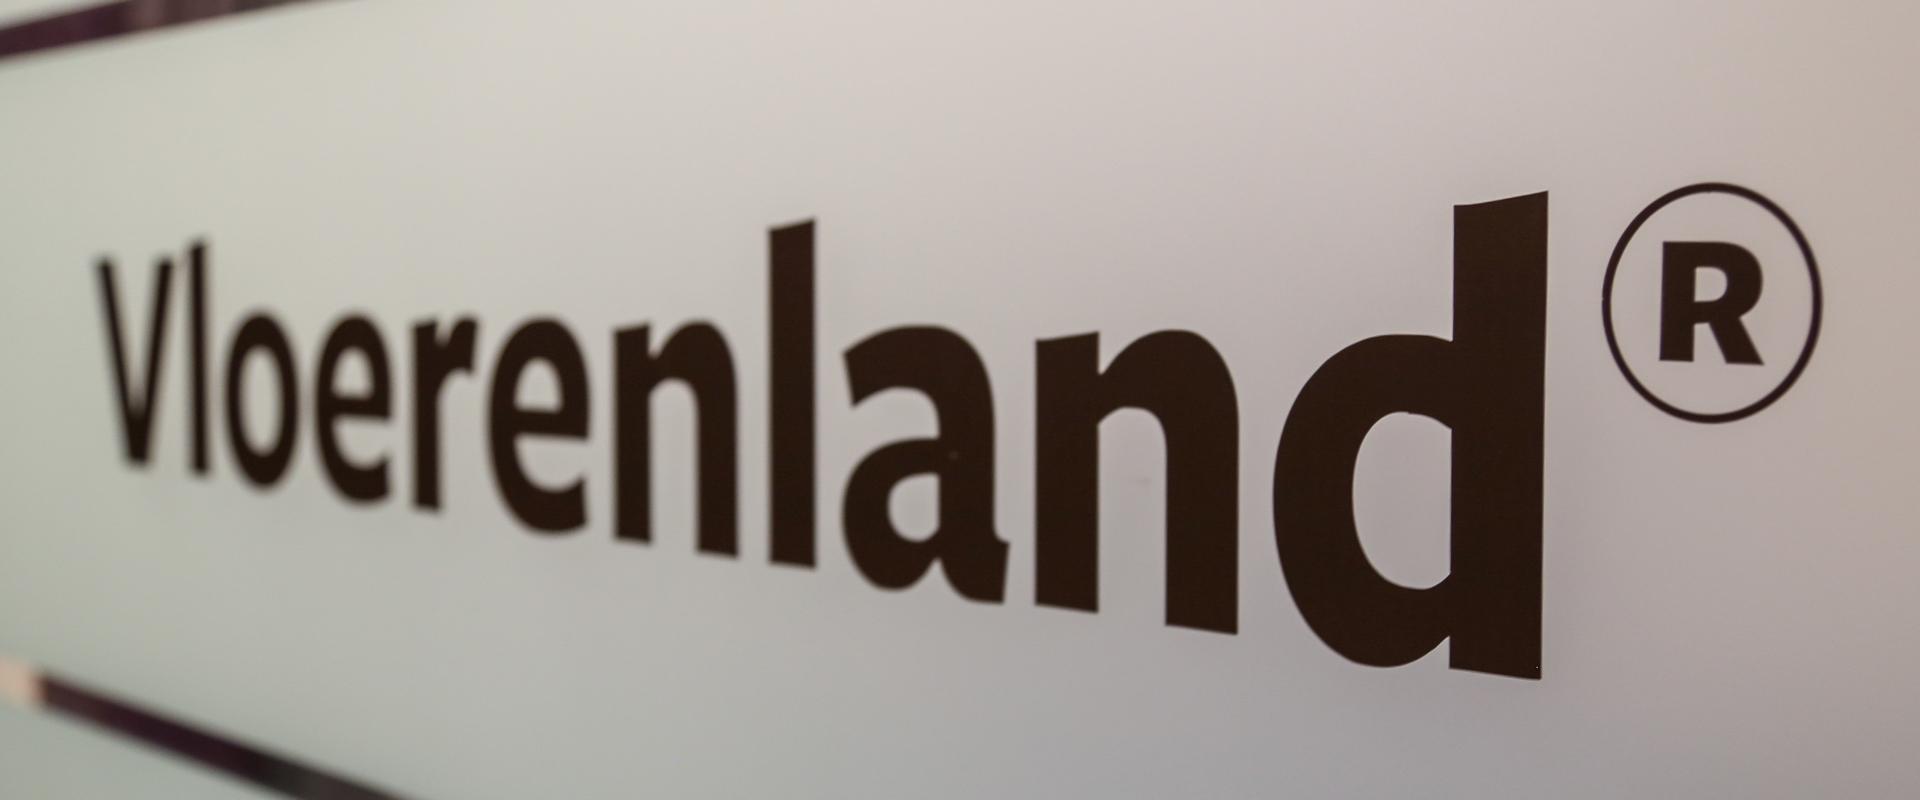 vloerenland logo